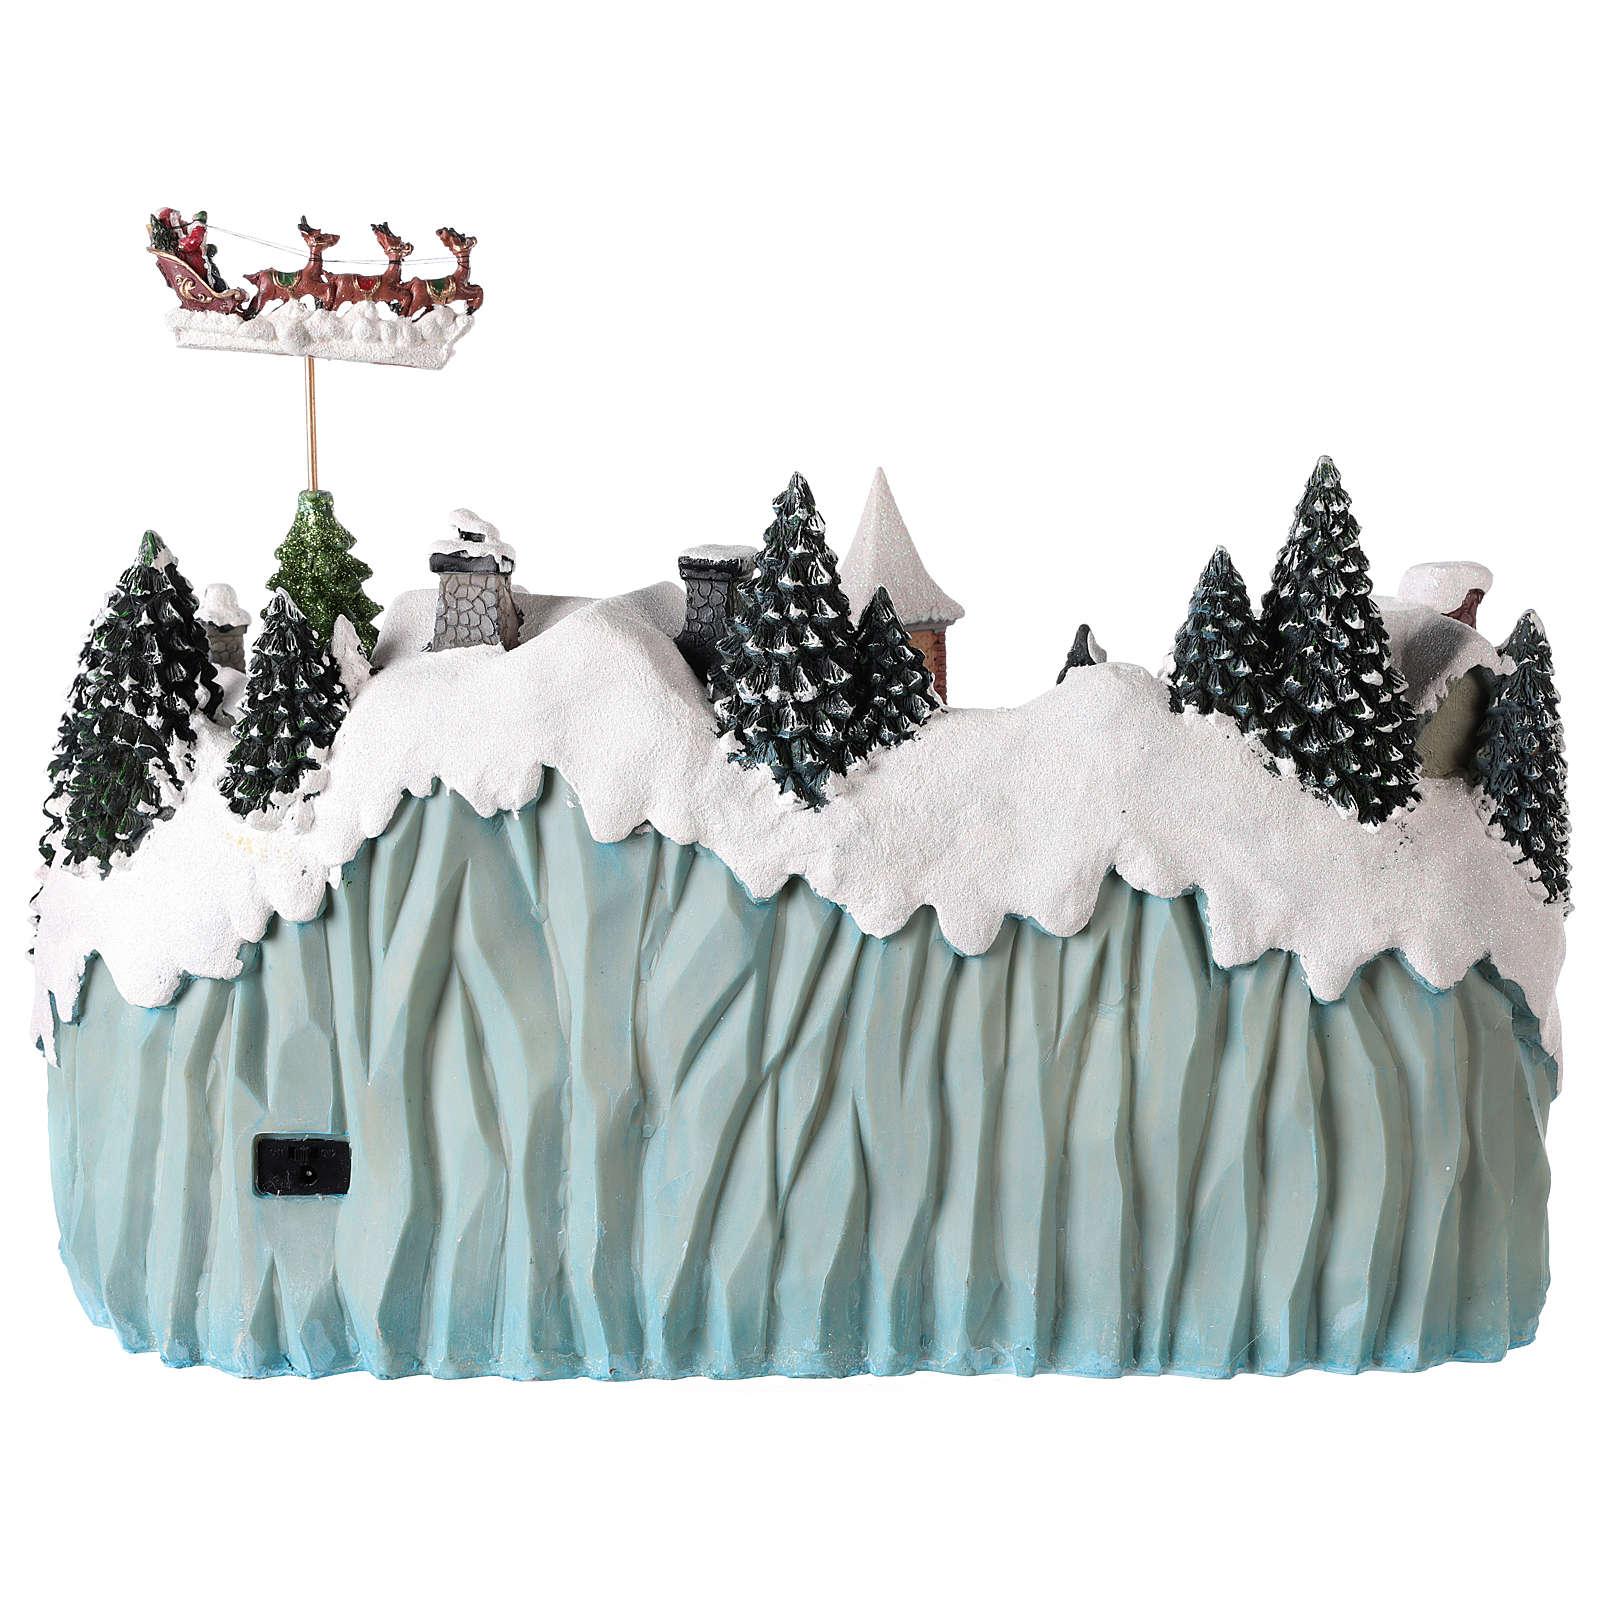 Village avec traîneau de Père Noël en mouvement 40x55x30 cm 3